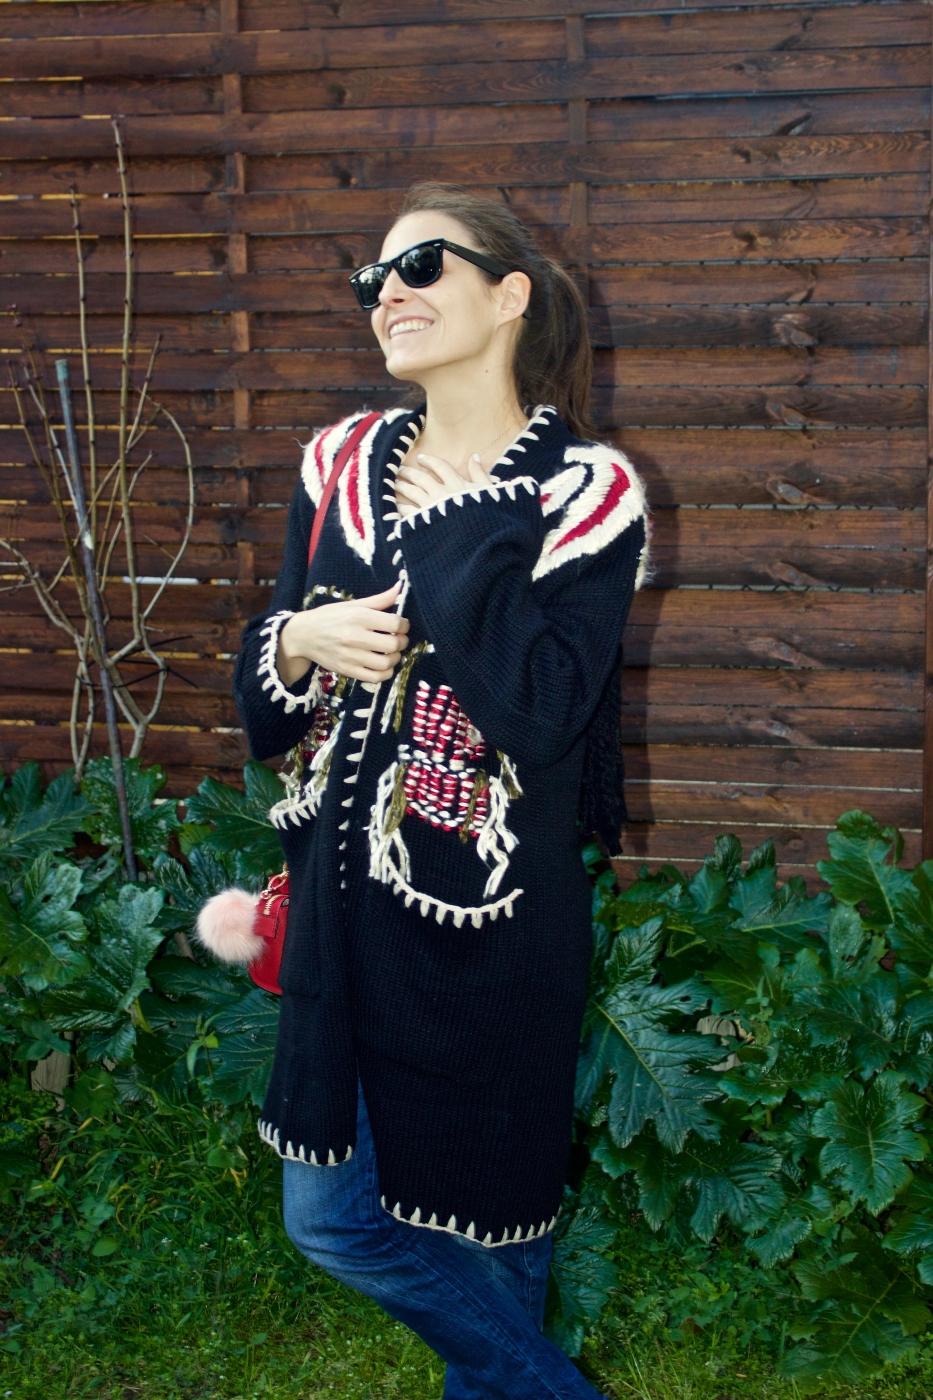 lara-vazquez-madlula-style-fashion-blog-moda-streetstyle-look-ootd-cardigan-casual